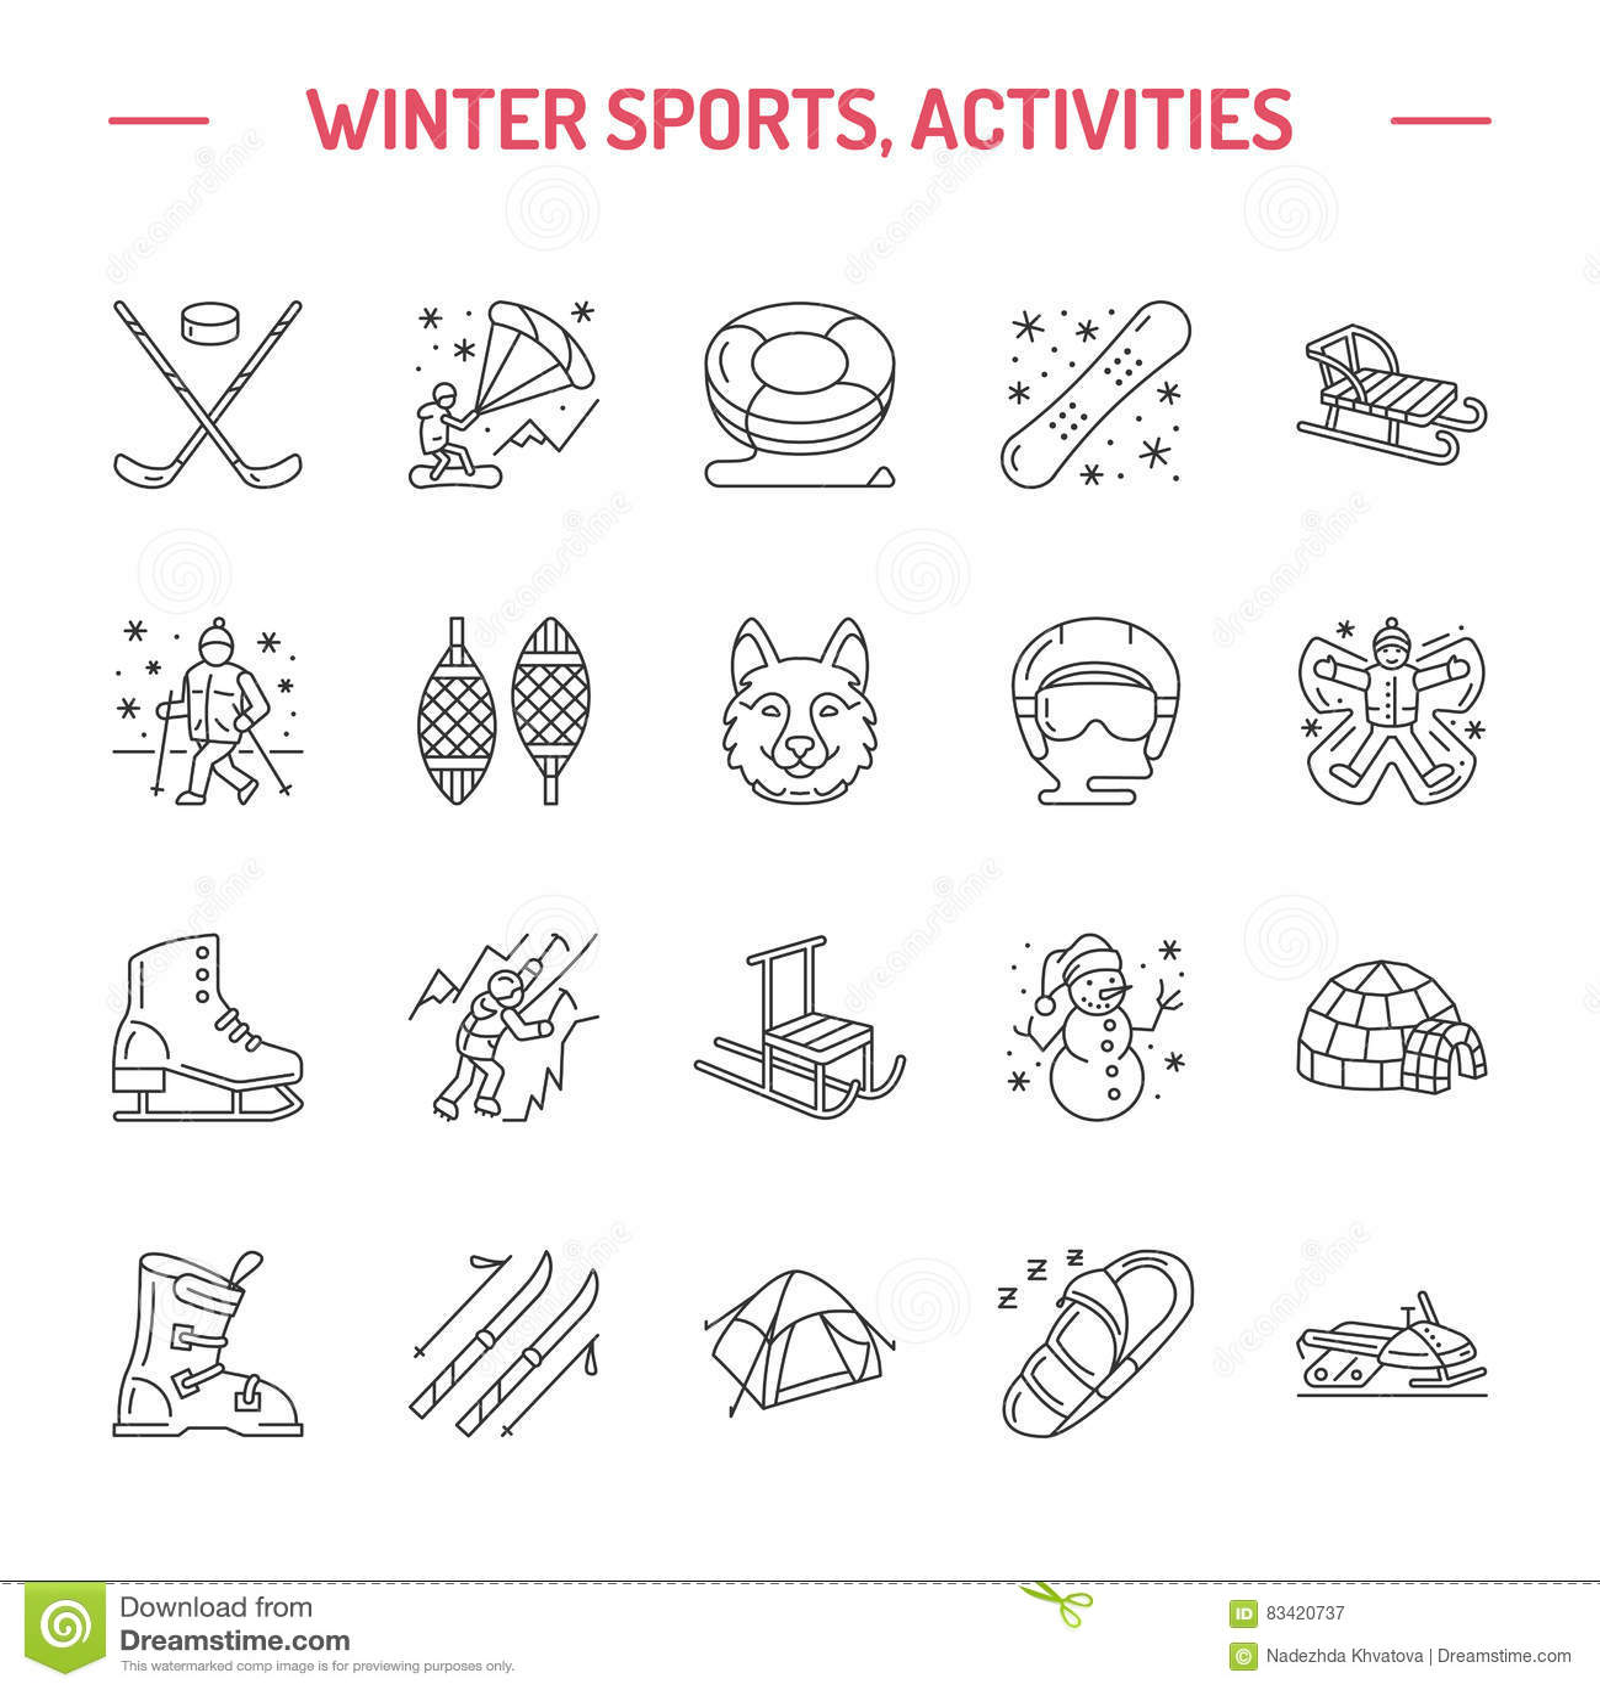 Лыжа, сноуборд, коньки, трубопровод, лед линия значок спорта зимы kiting, взбираться и другой